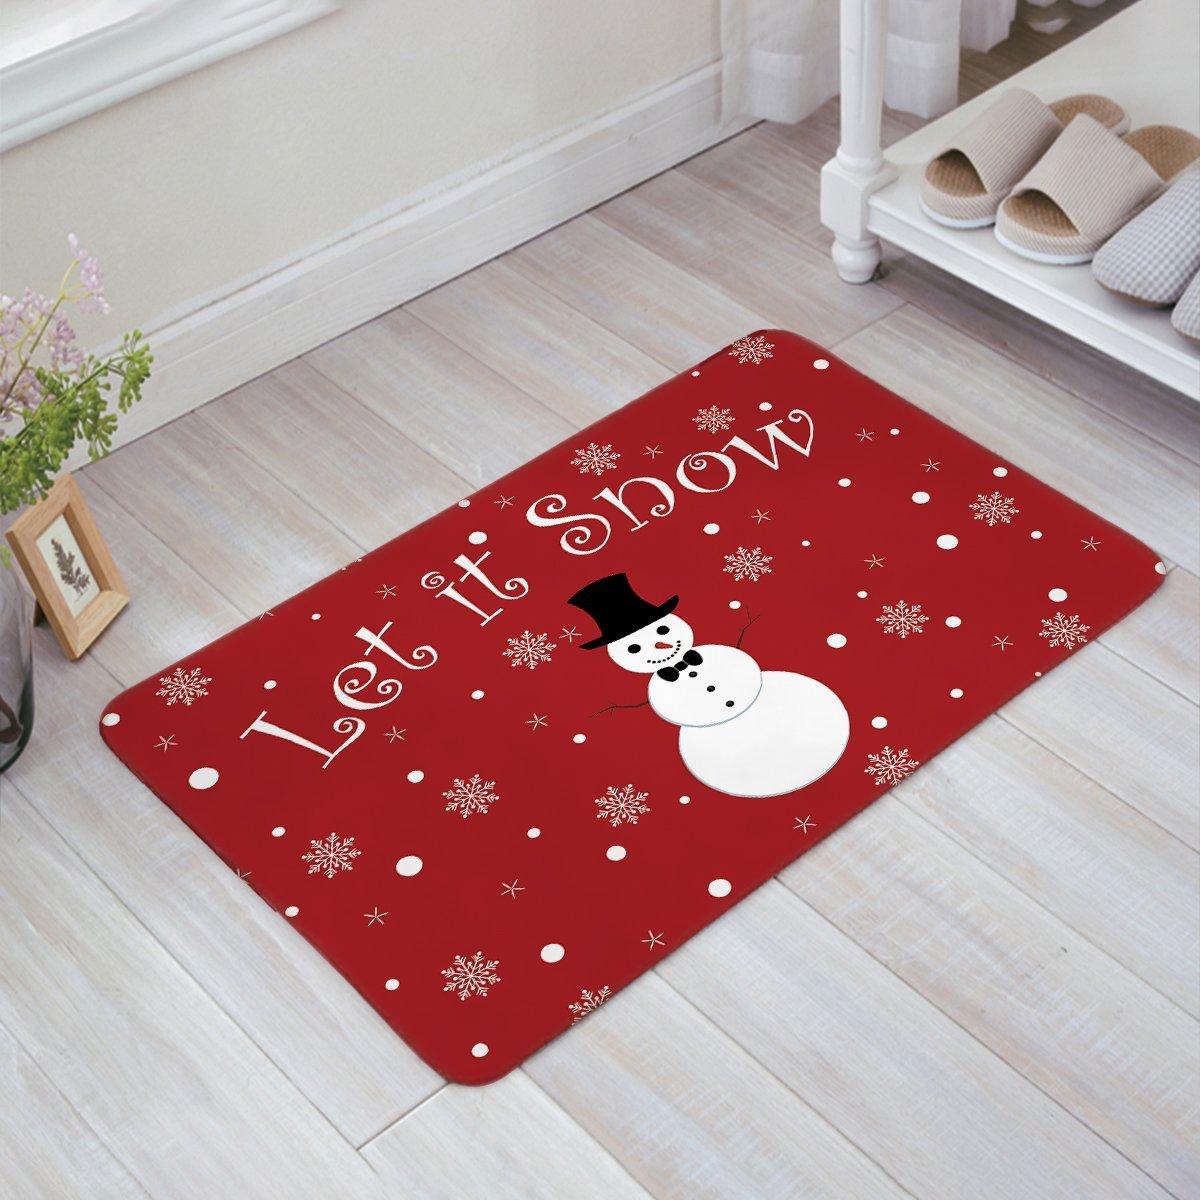 monogrammed personalized on amazing doormats welcome adorable front brilliant from doors exterior plus home outdoor mats in impressive door mat